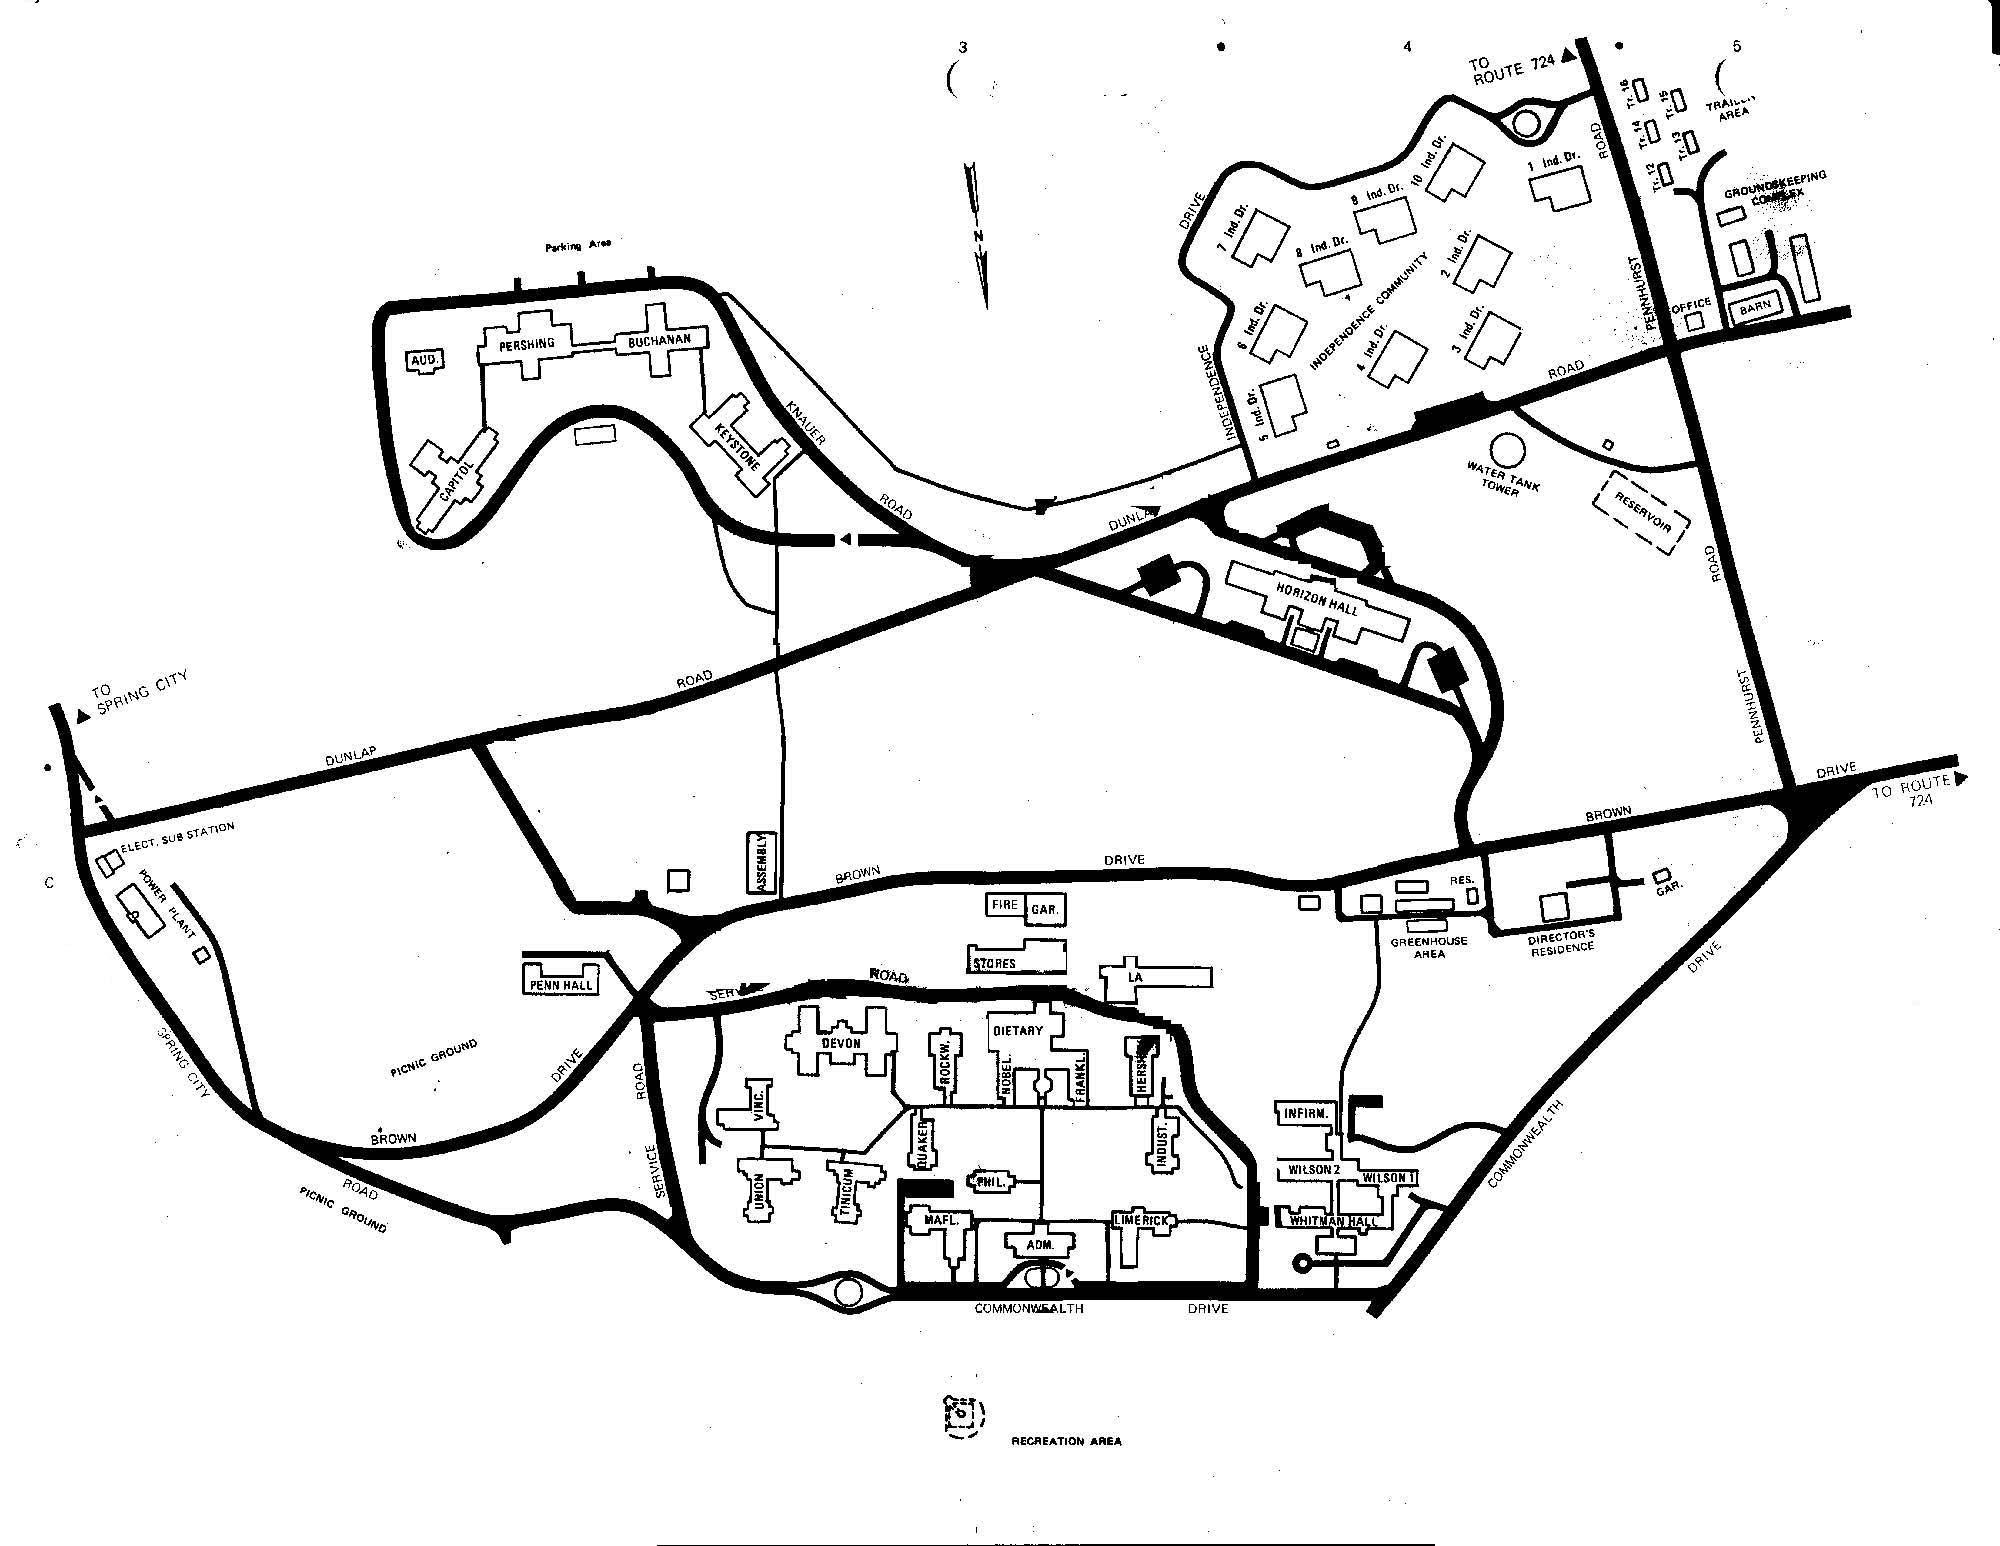 2000x1546 Map Of Pennhurst Pennhurst State School And Hospital